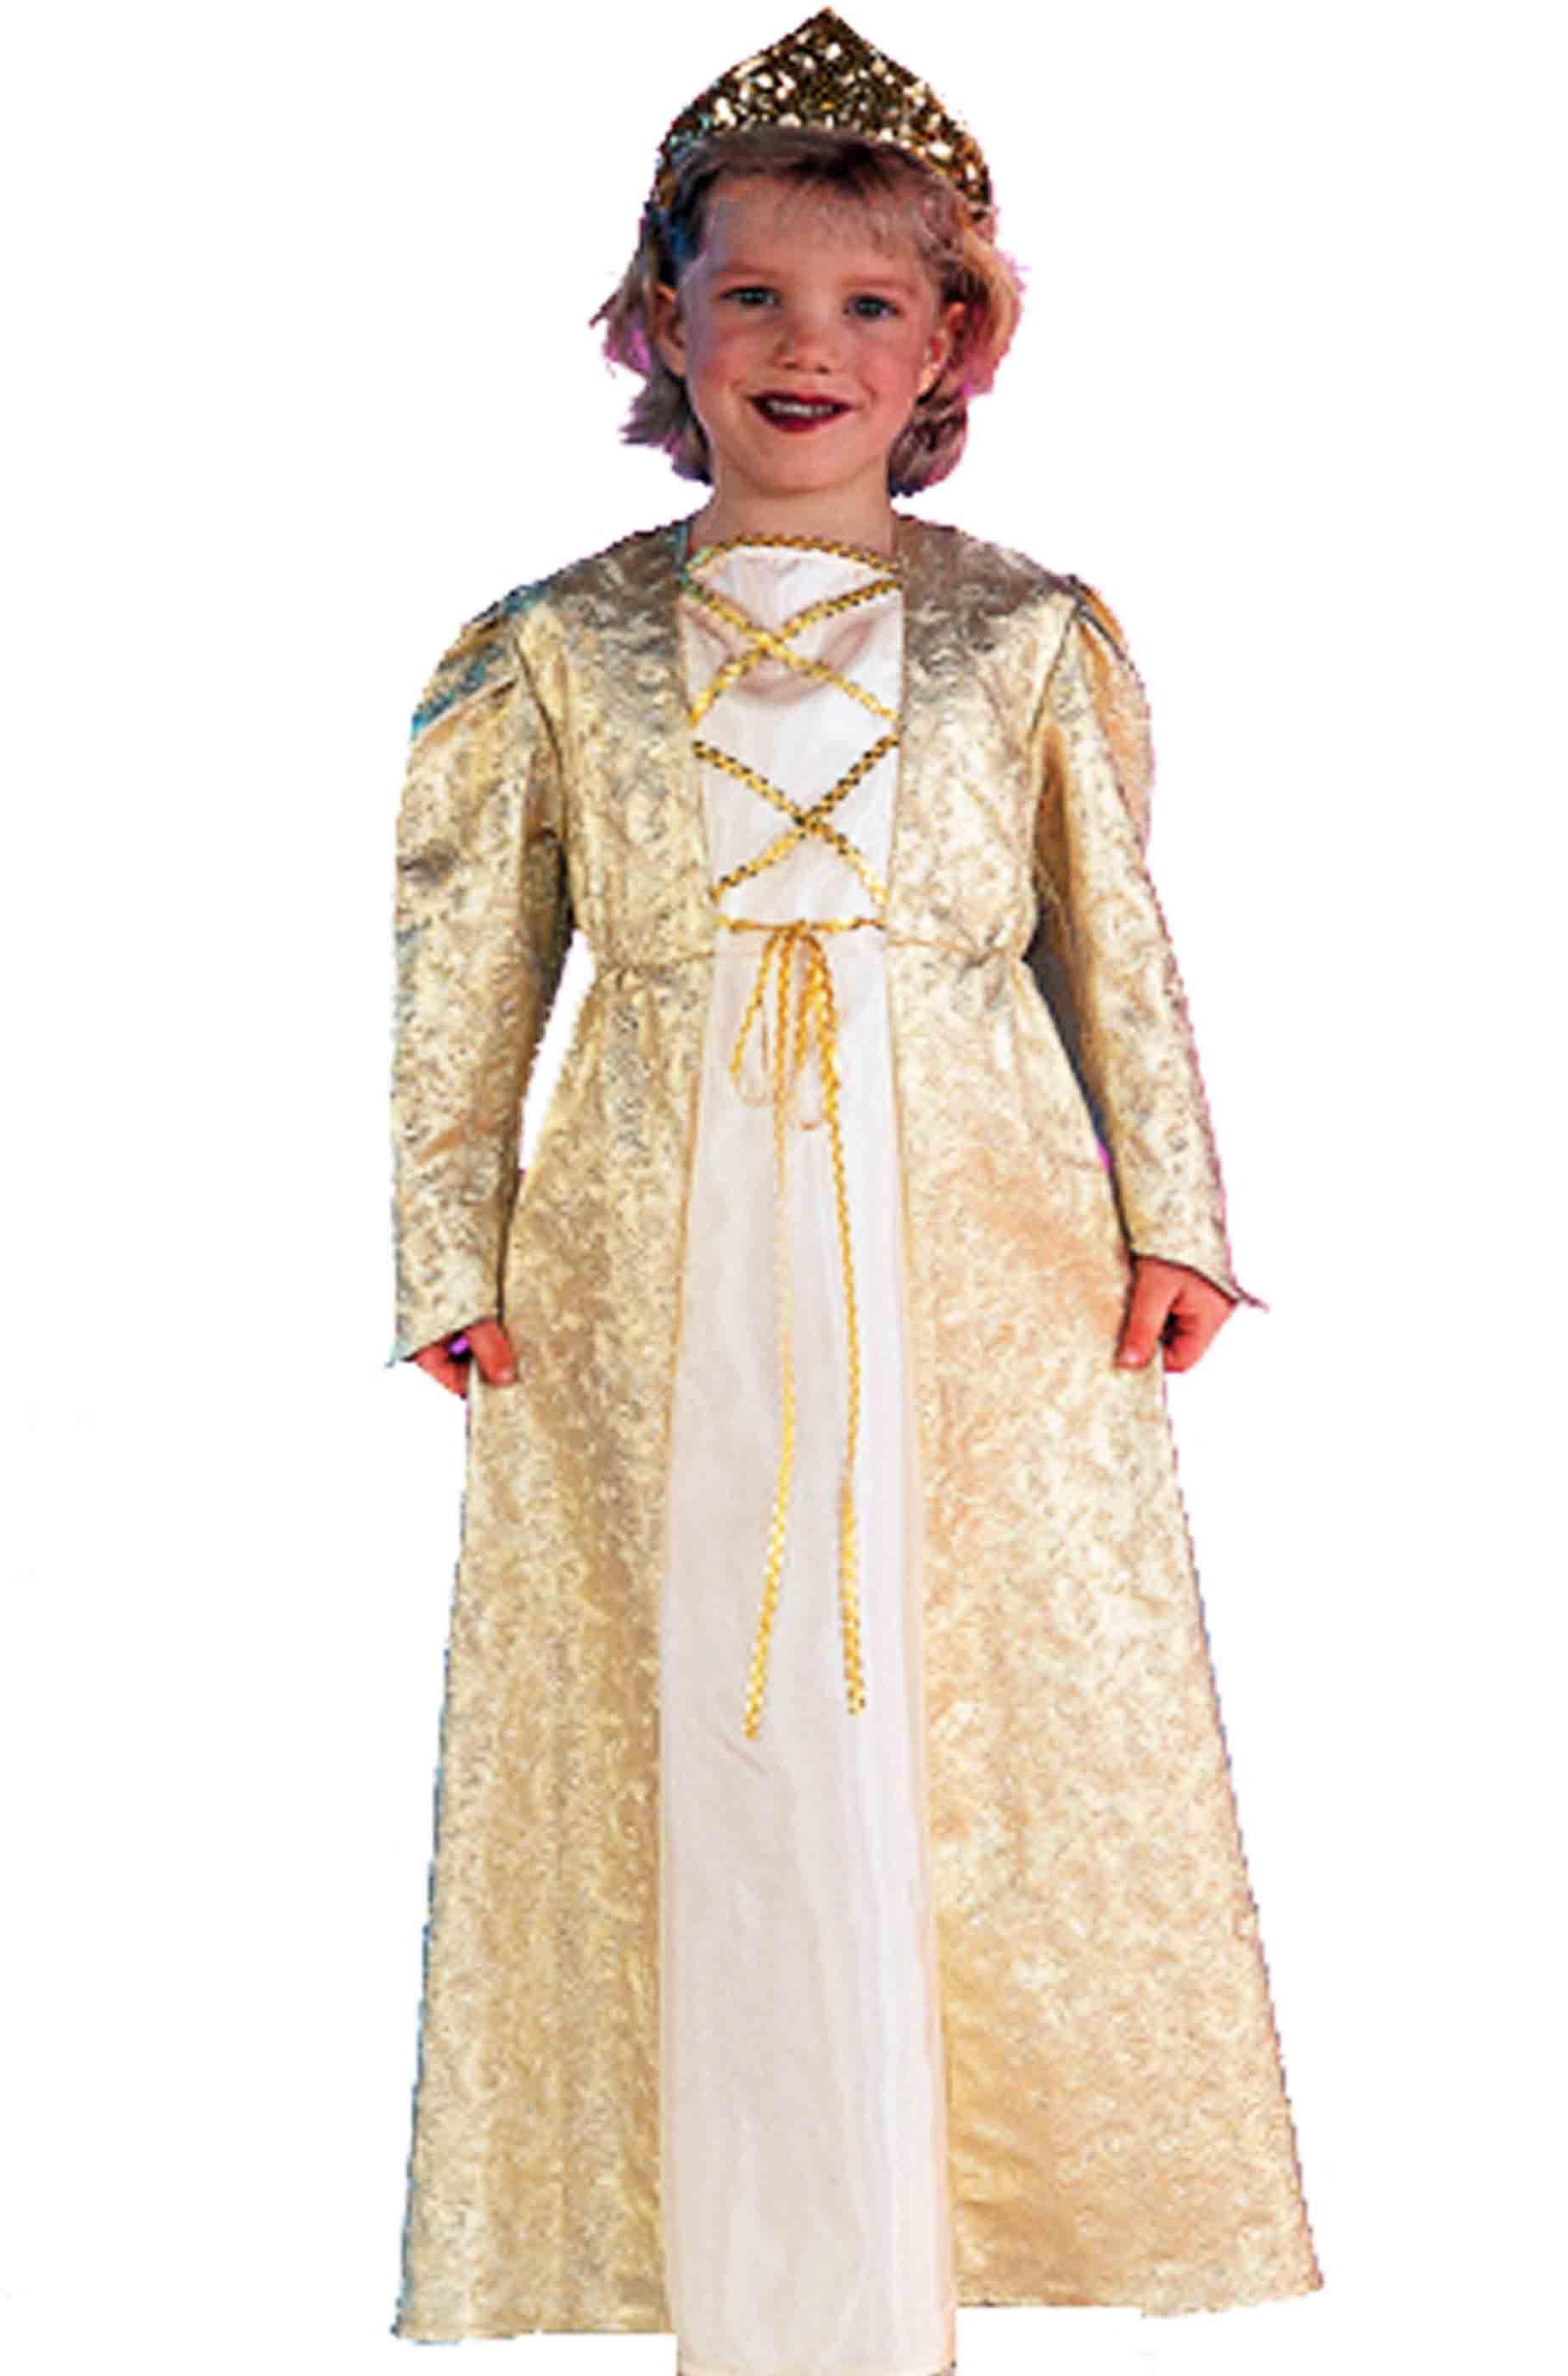 Bambina Carnevale Costume Da D'oro Principessa Di Lungo ybgf76Y